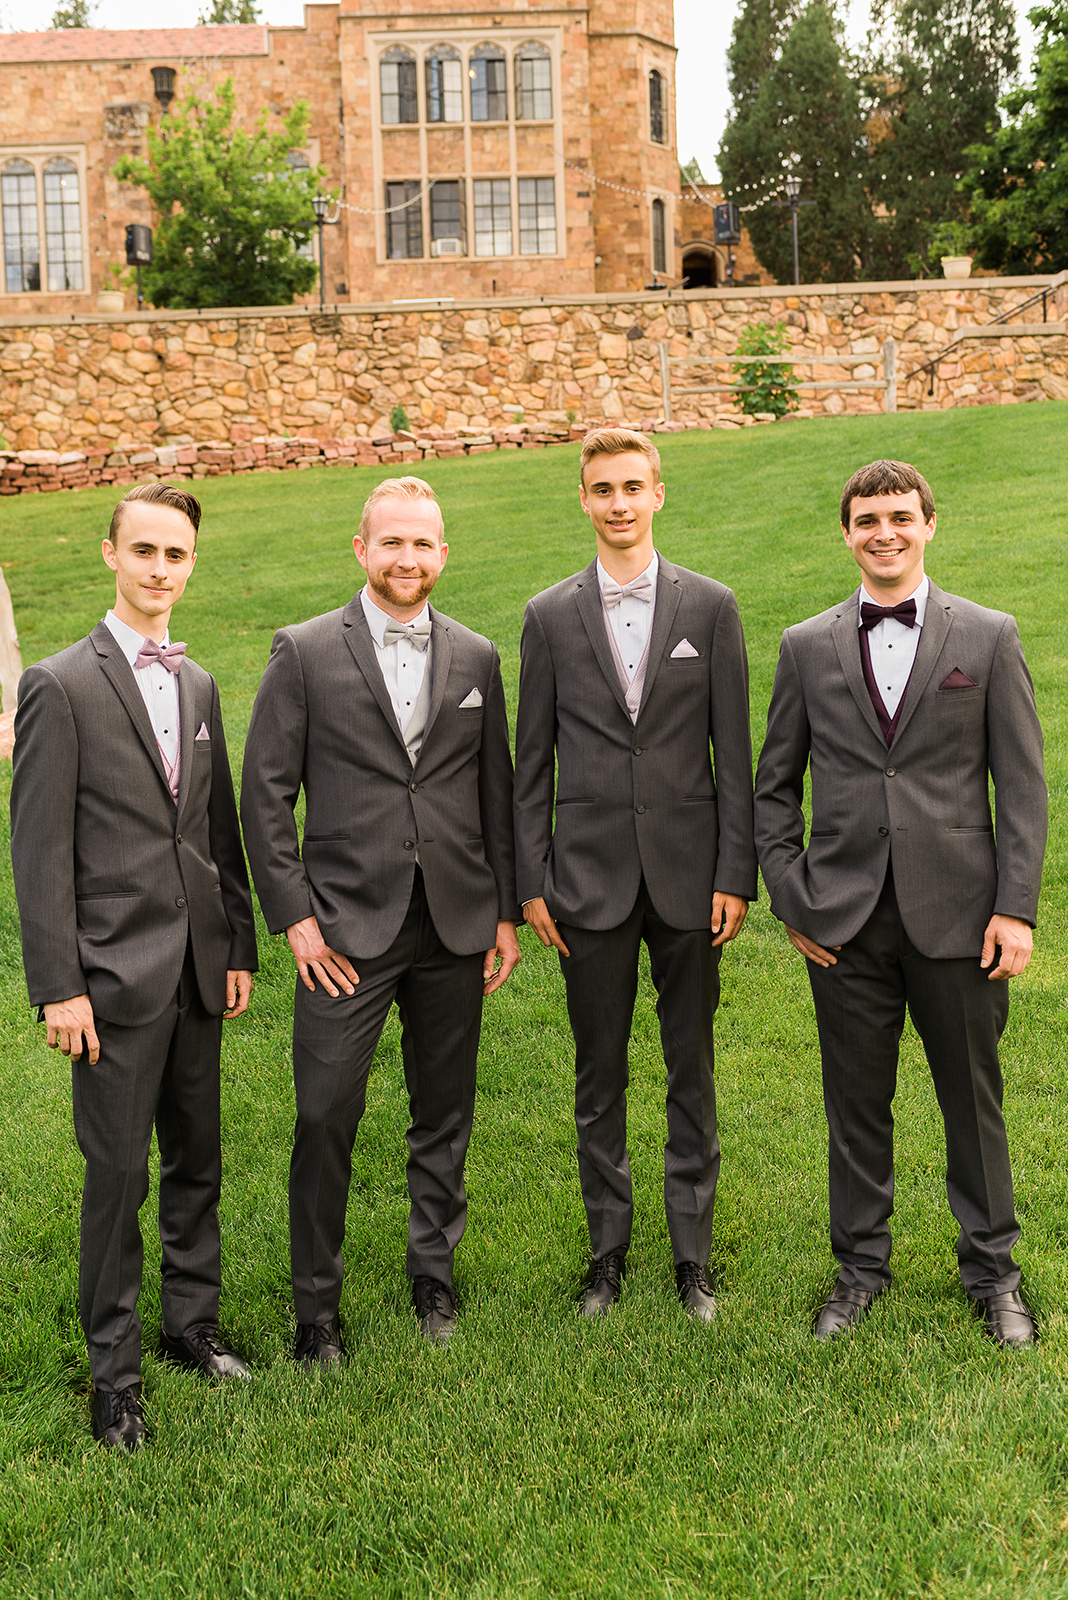 glen-eyrie-castle-wedding-8.jpg